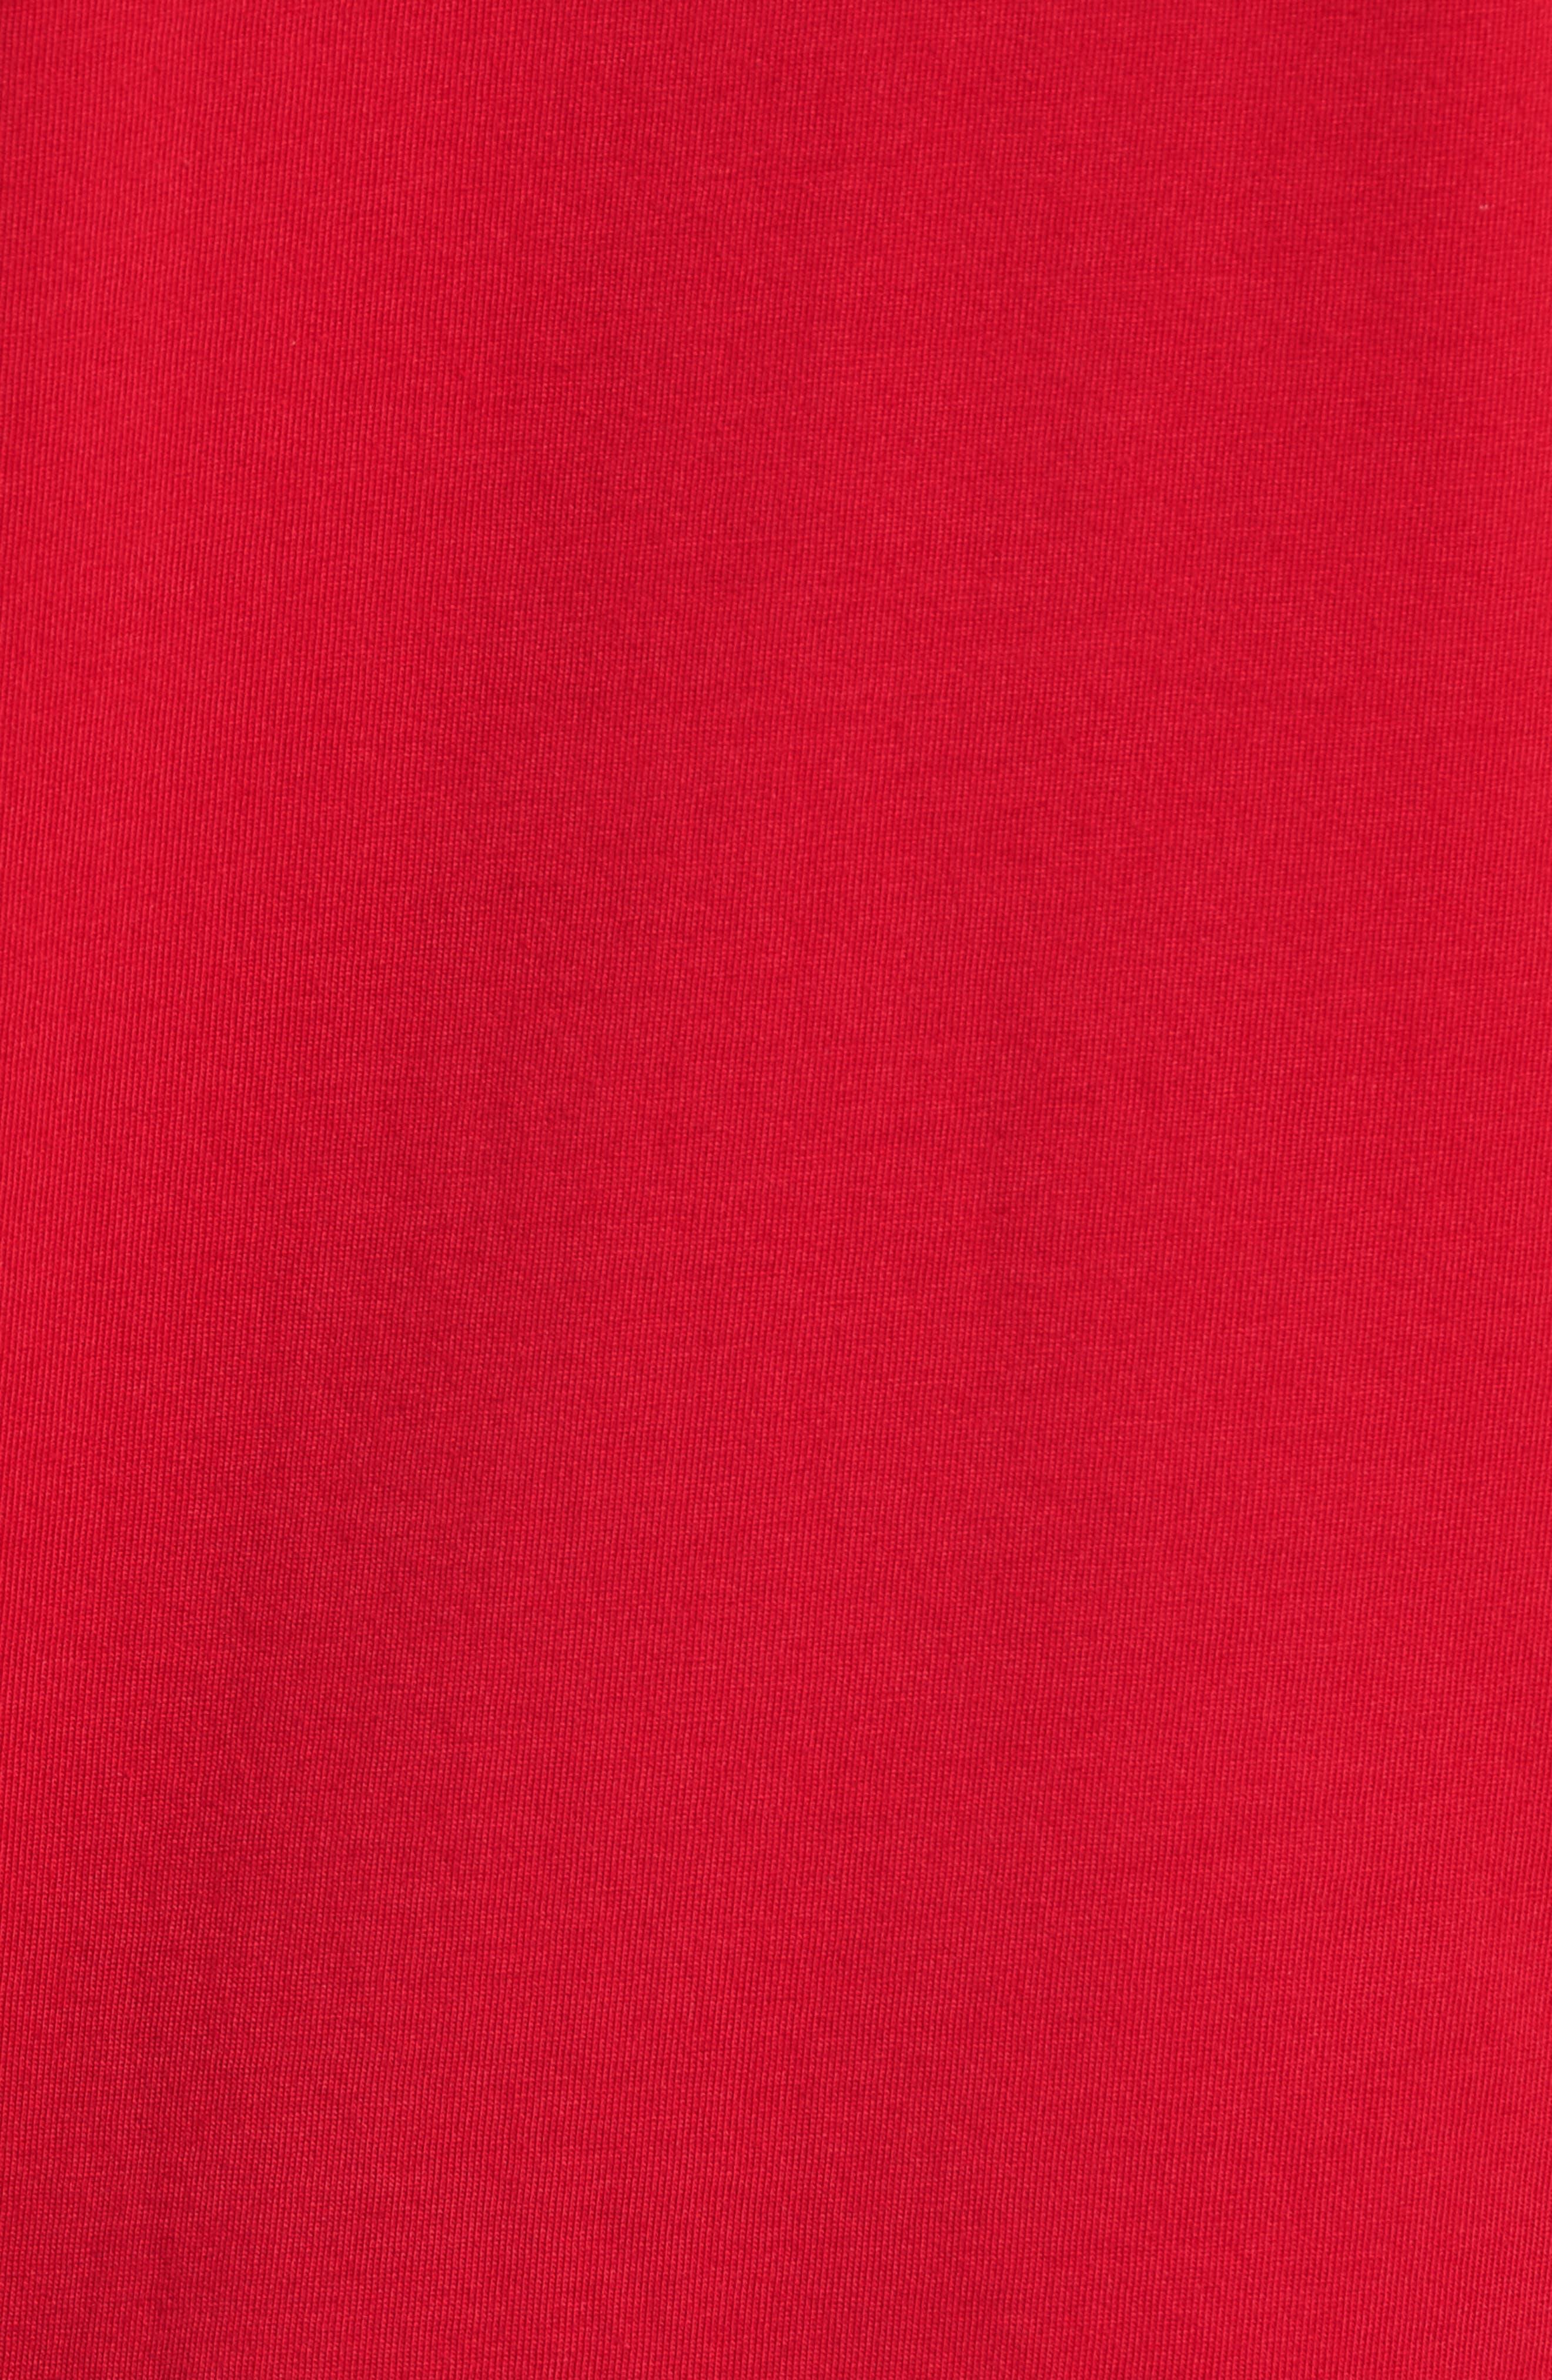 Alternate Image 5  - Tommy Bahama Bali Skyline Long Sleeve Pima Cotton T-Shirt